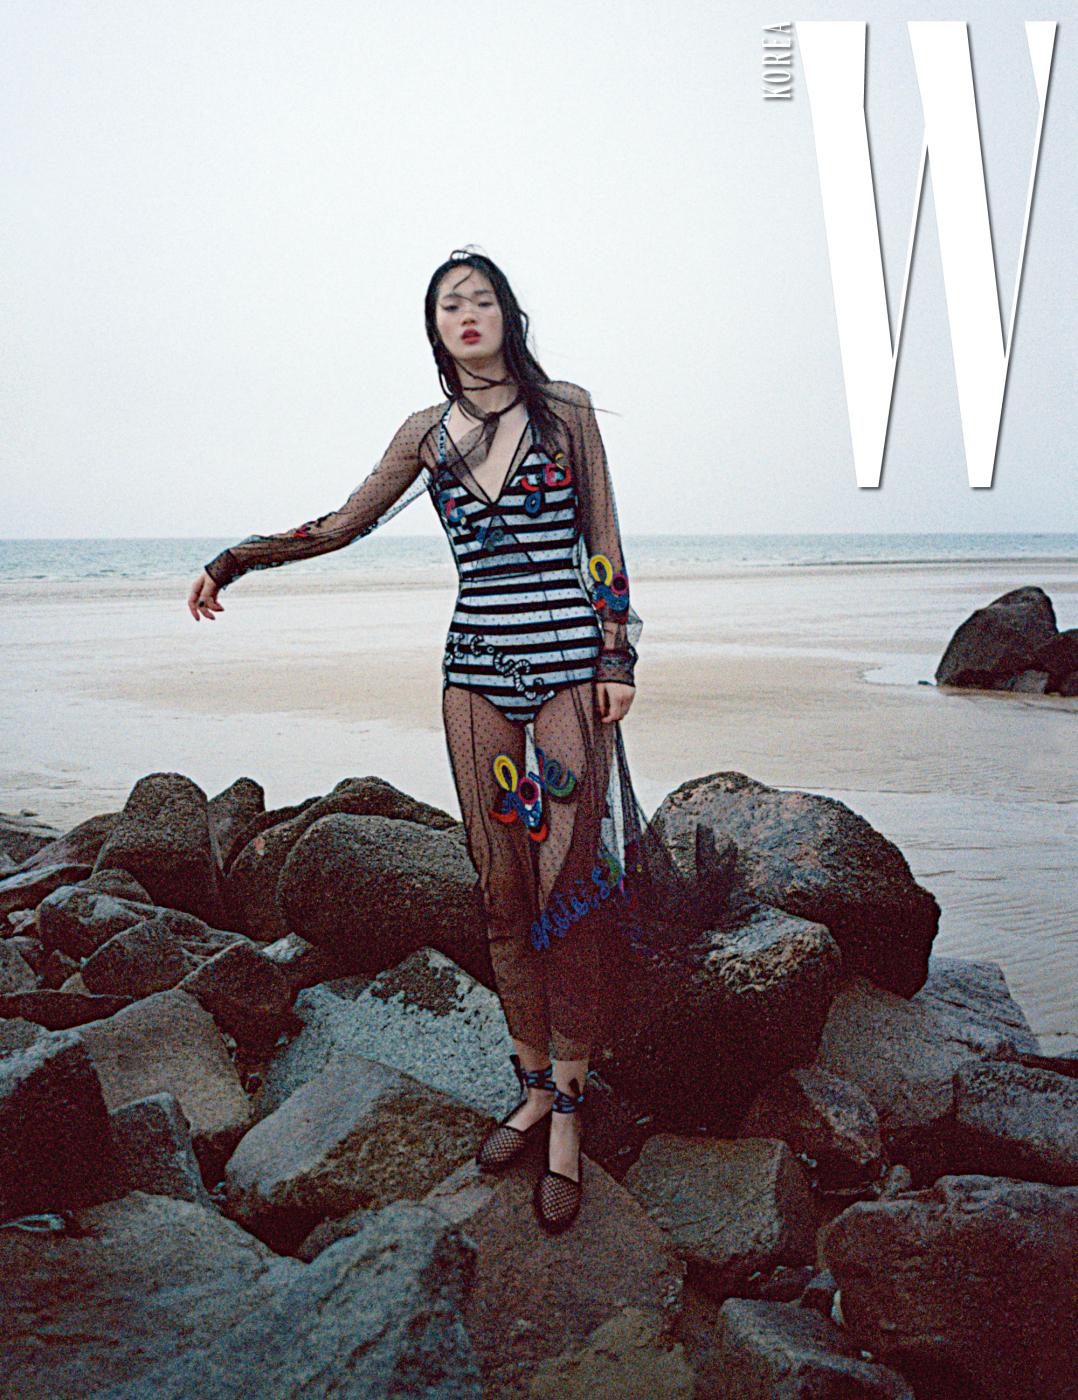 줄무늬 보디슈트와 시스루 드레스, 스트랩 플랫 슈즈는 모두 Dior 제품.